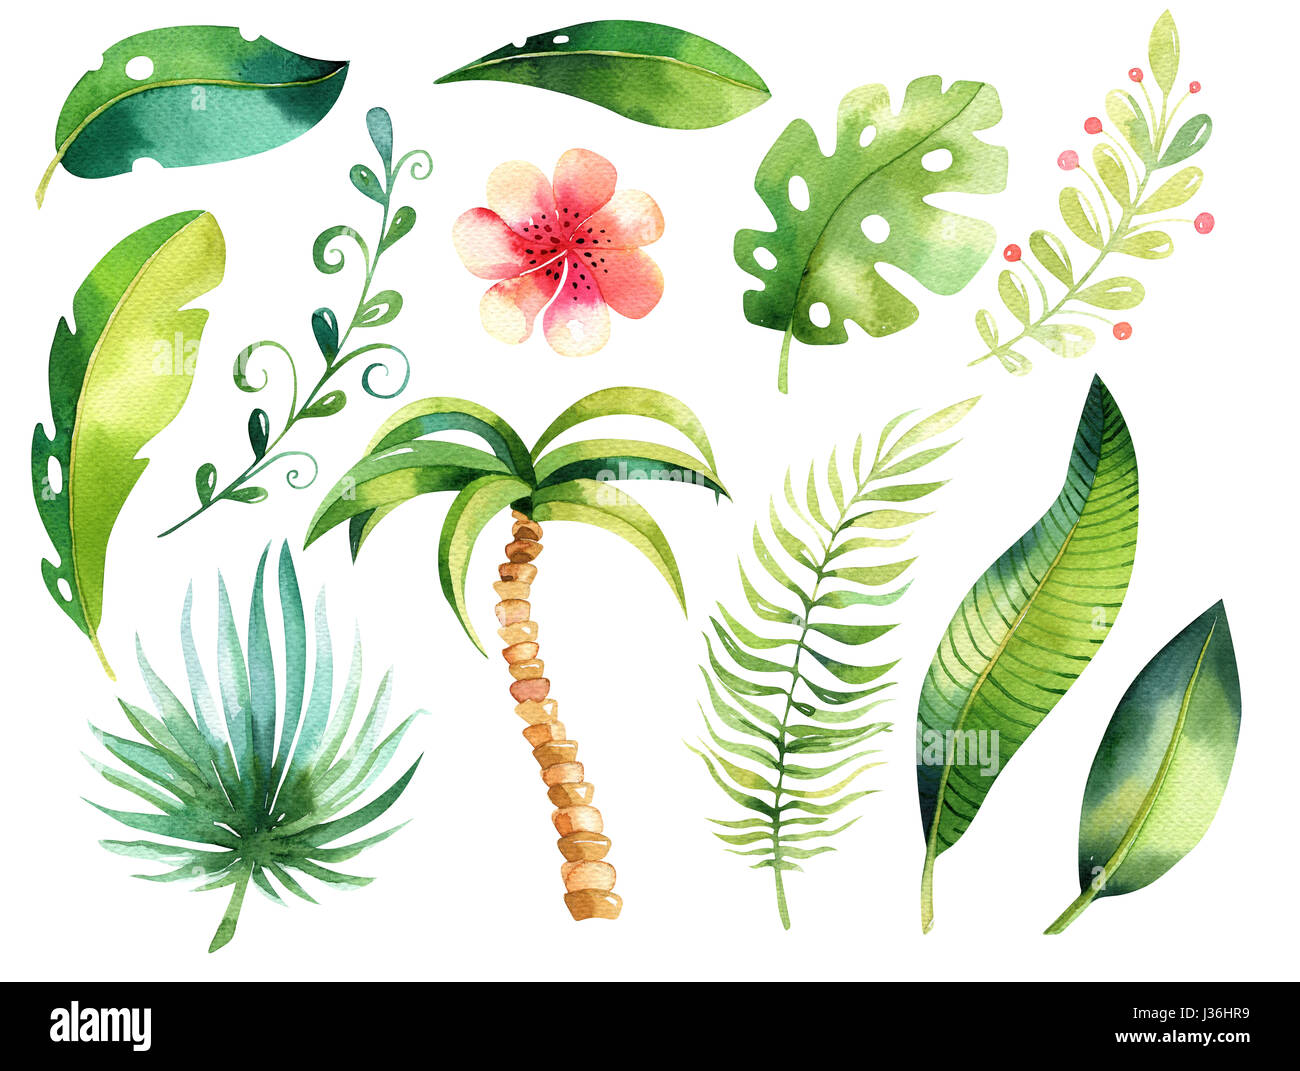 Tropical Ilustración Aislada Acuarela Boho Tropic Papm Hojas De